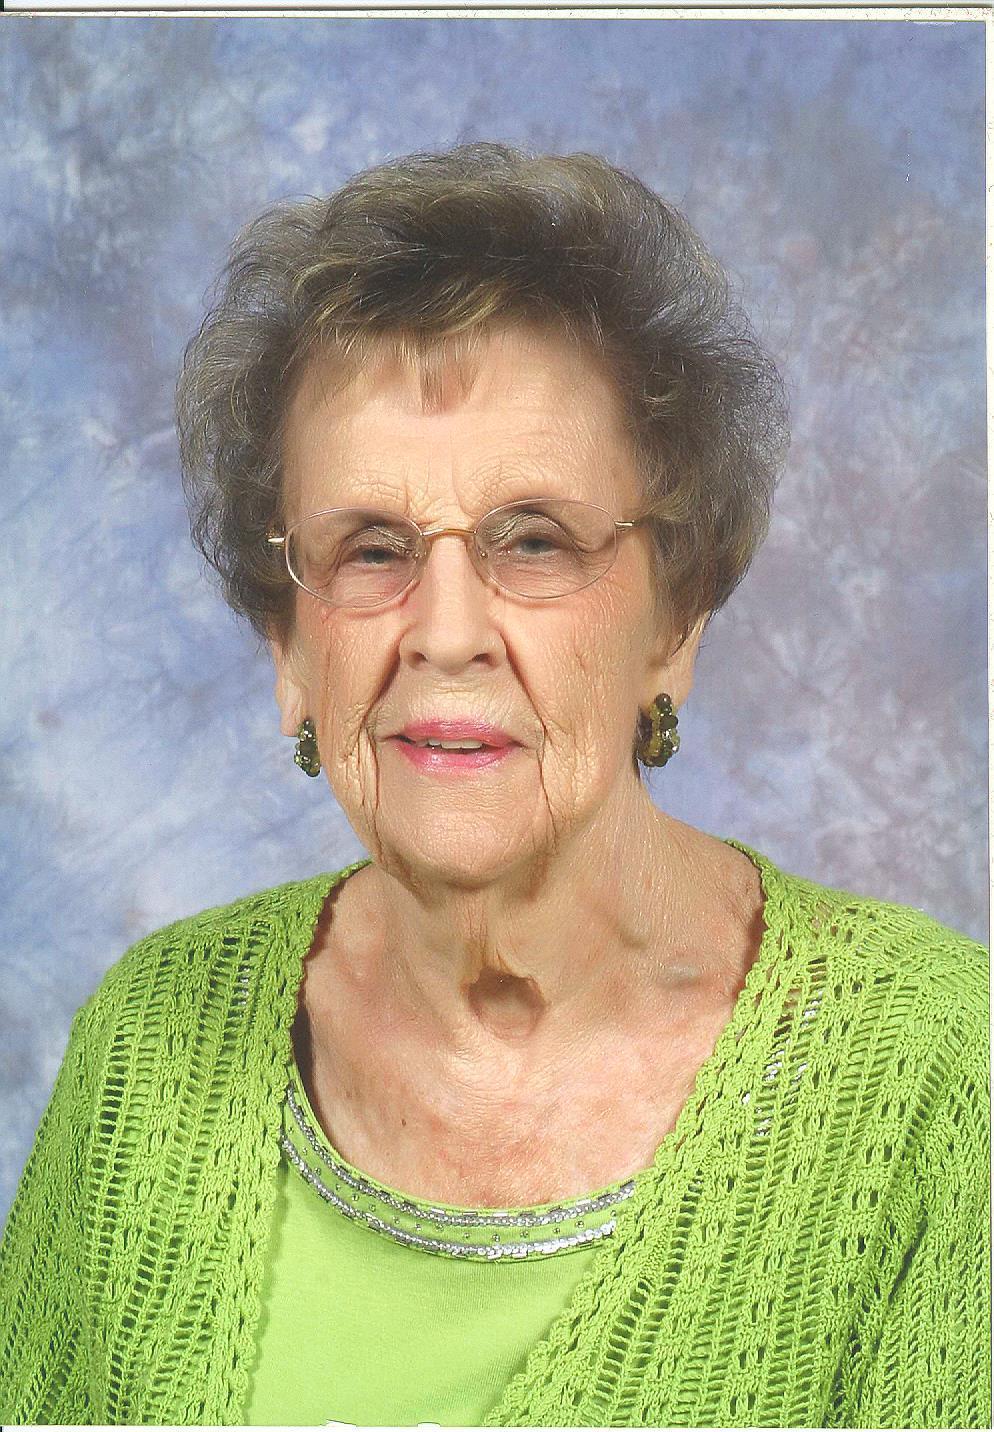 Ruby Lorraine Vandergriff